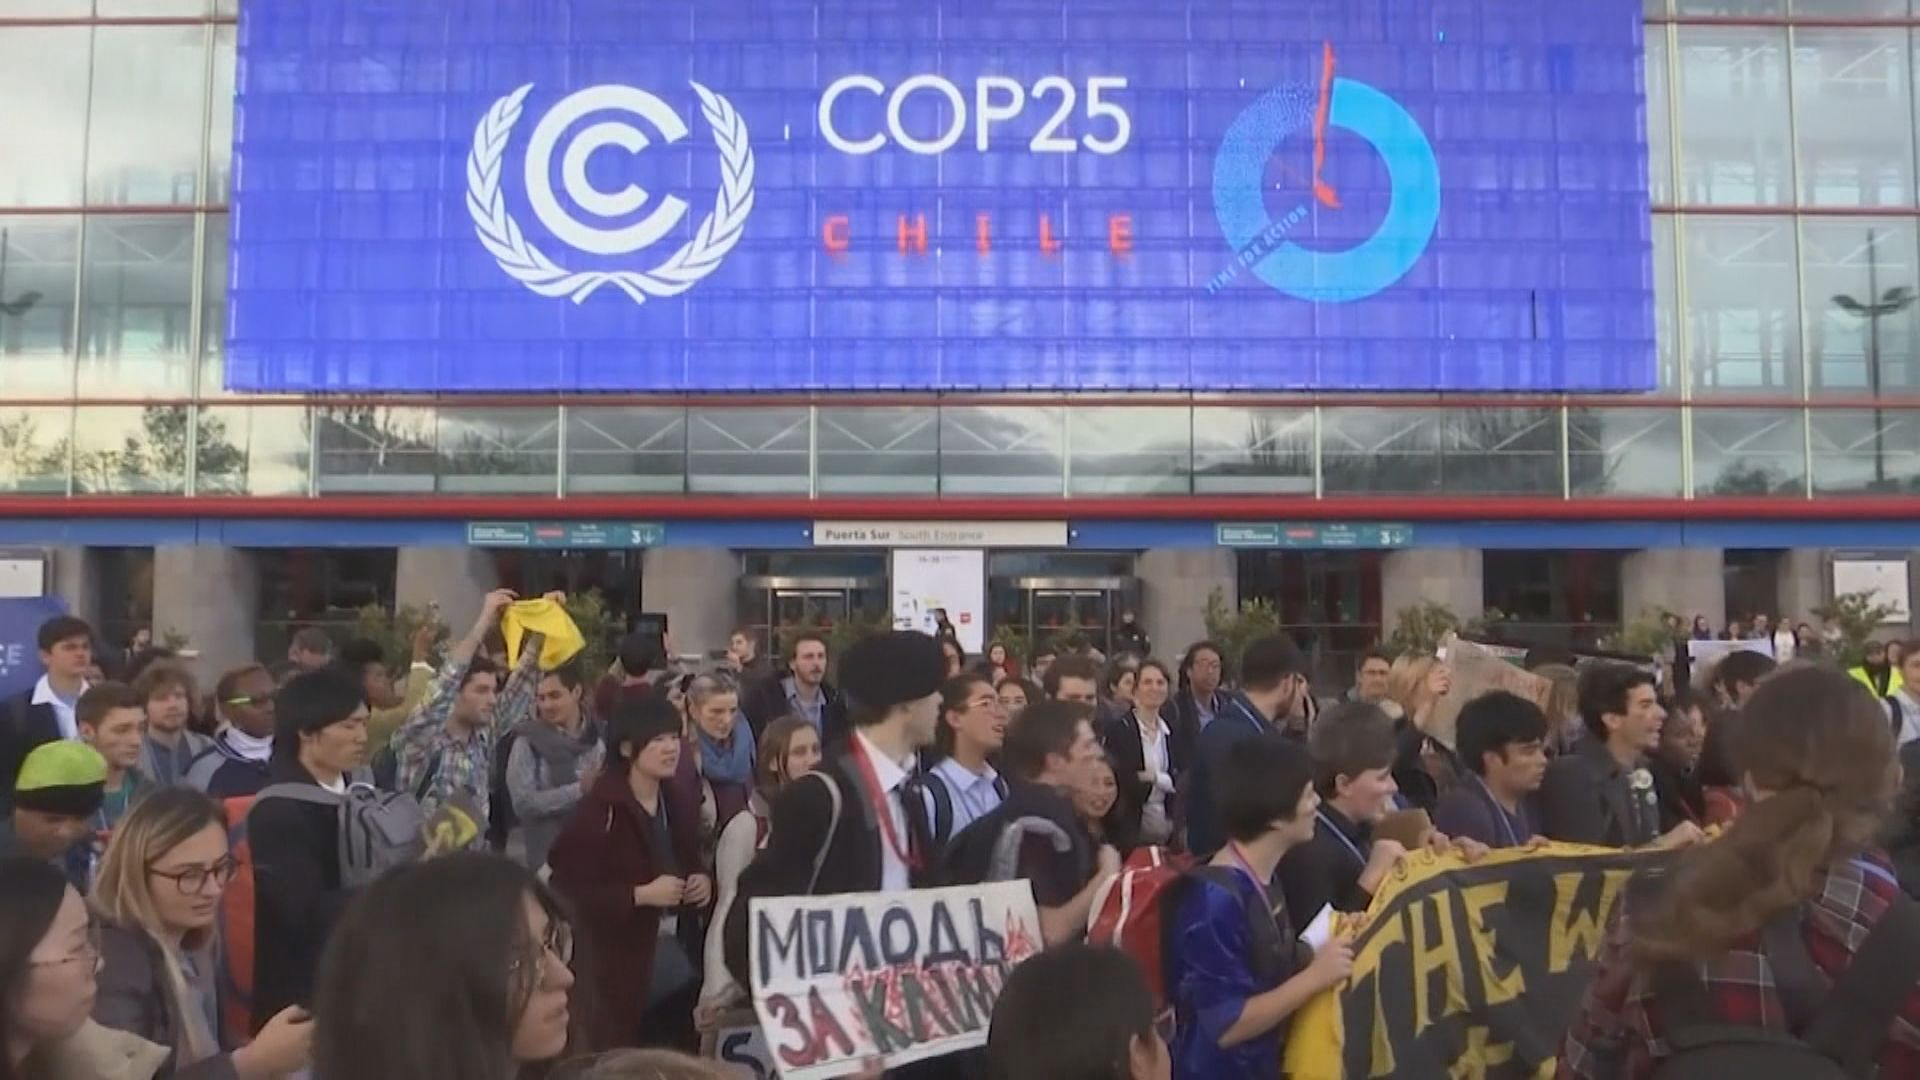 馬德里聯合國氣候變化大會未能如期結束